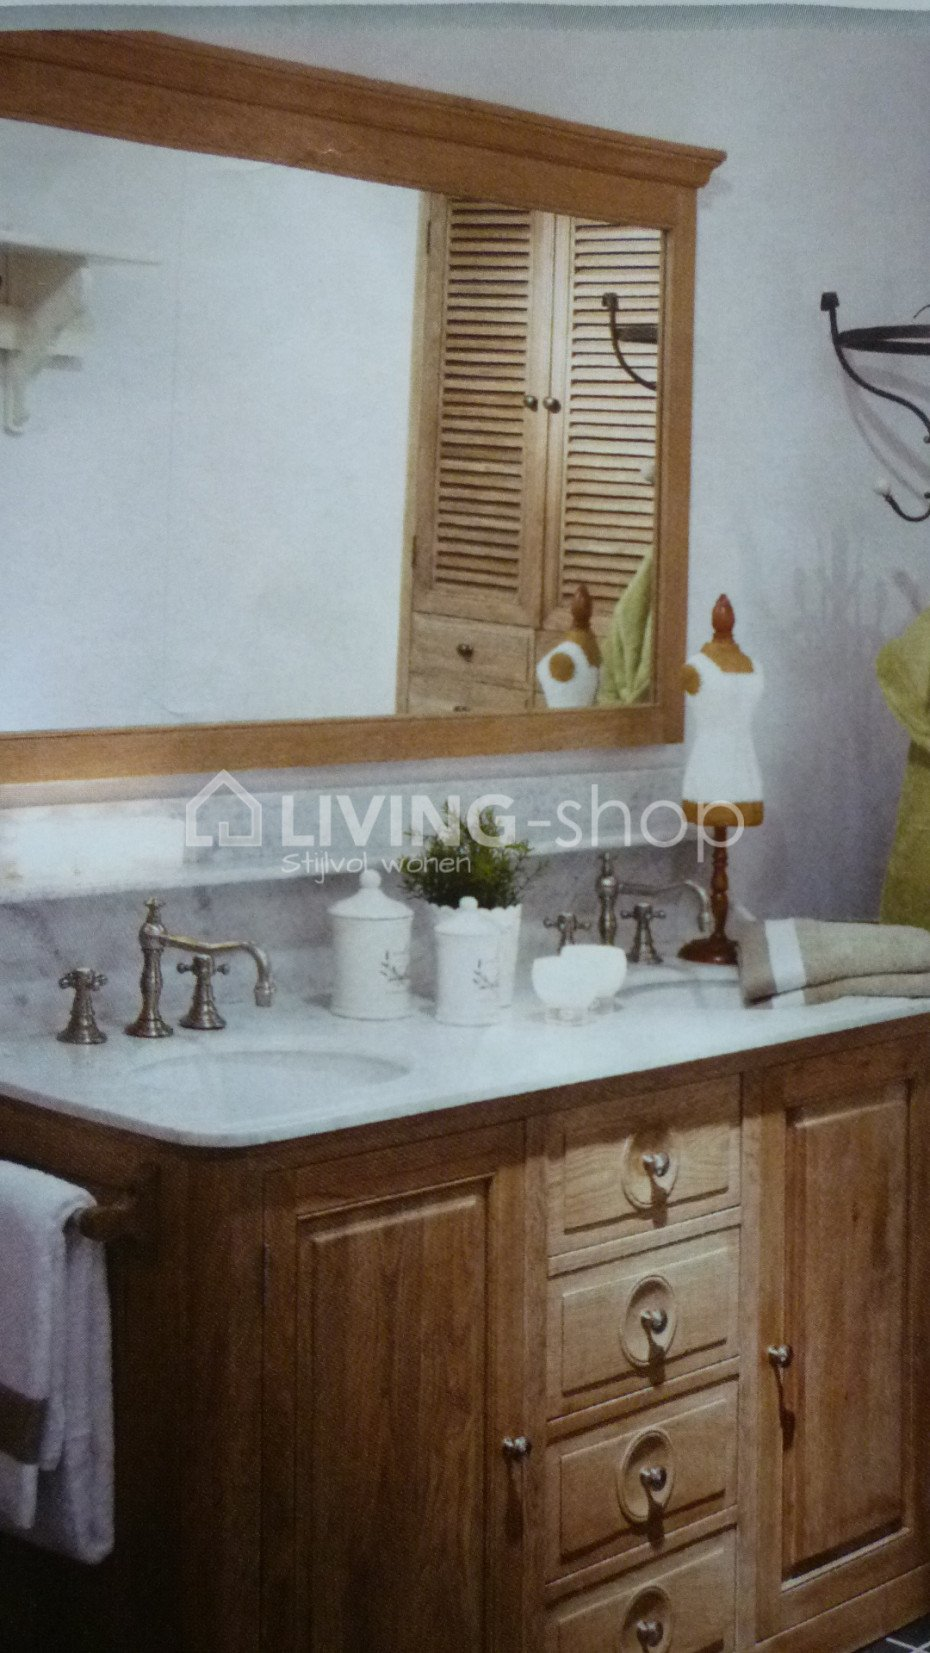 landelijke stijl badkamermeubels met 1 of 2 wastafels